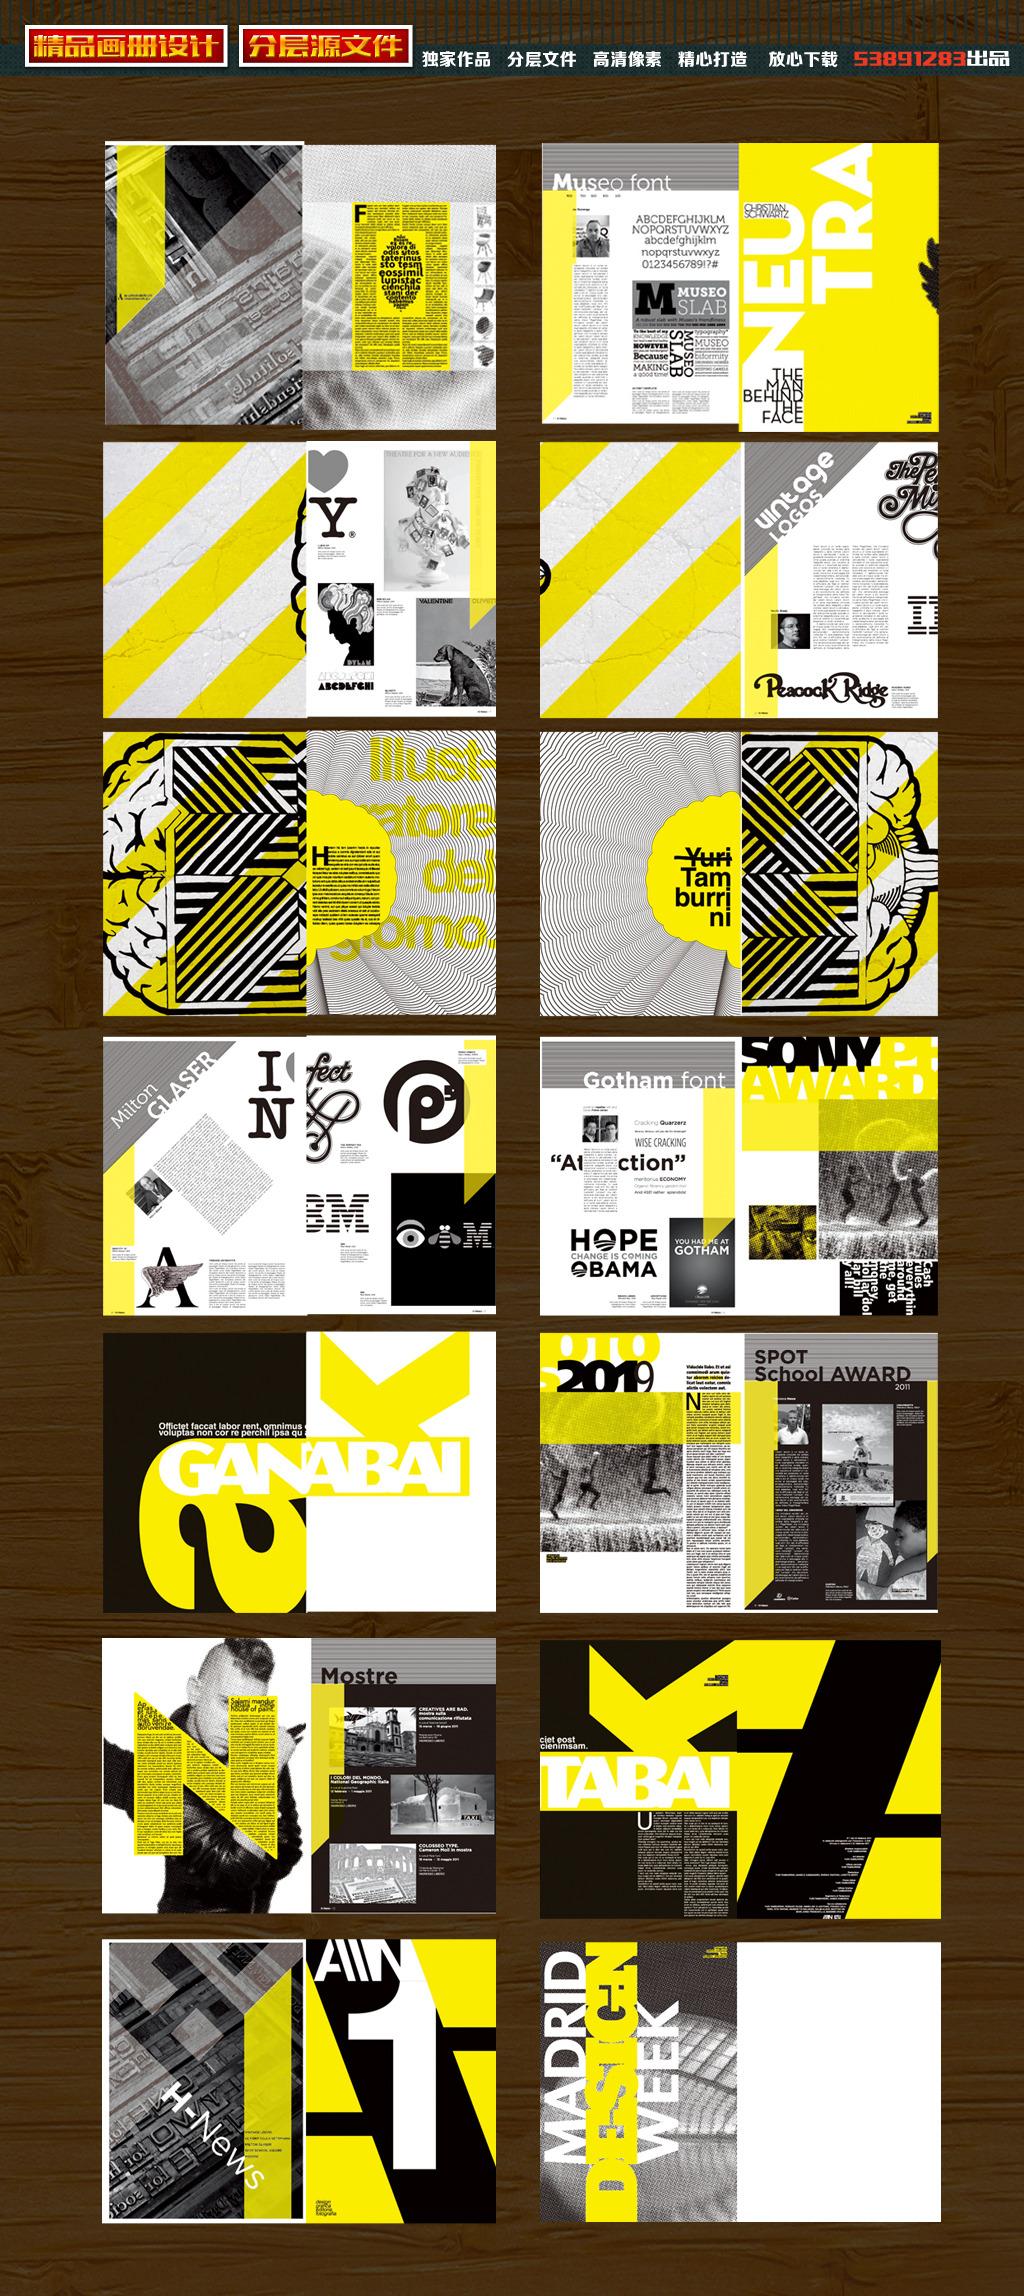 新锐文化画册创意版式设计宣传册杂志模板下载图片